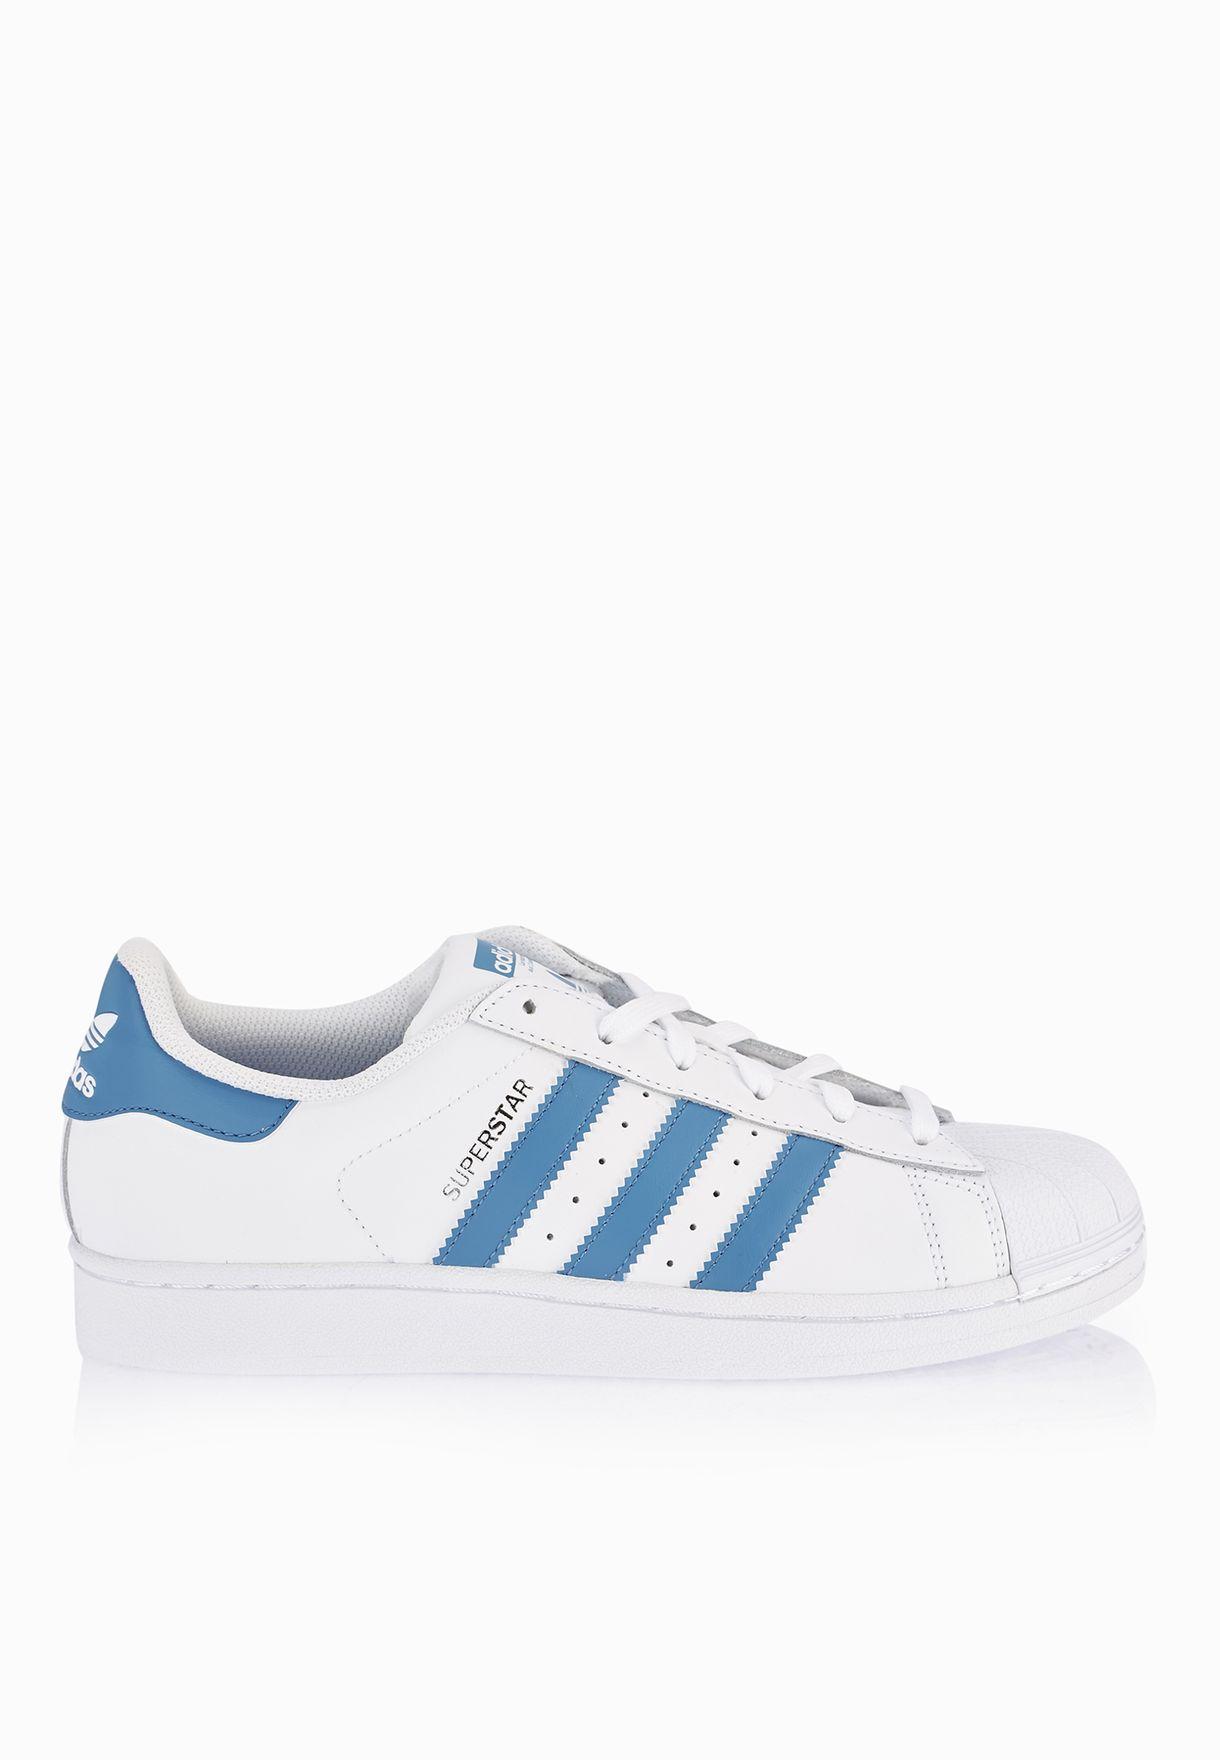 c55fb65d9 تسوق حذاء رياضة سوبر ستار ماركة اديداس اورجينال لون أبيض S75929 في ...